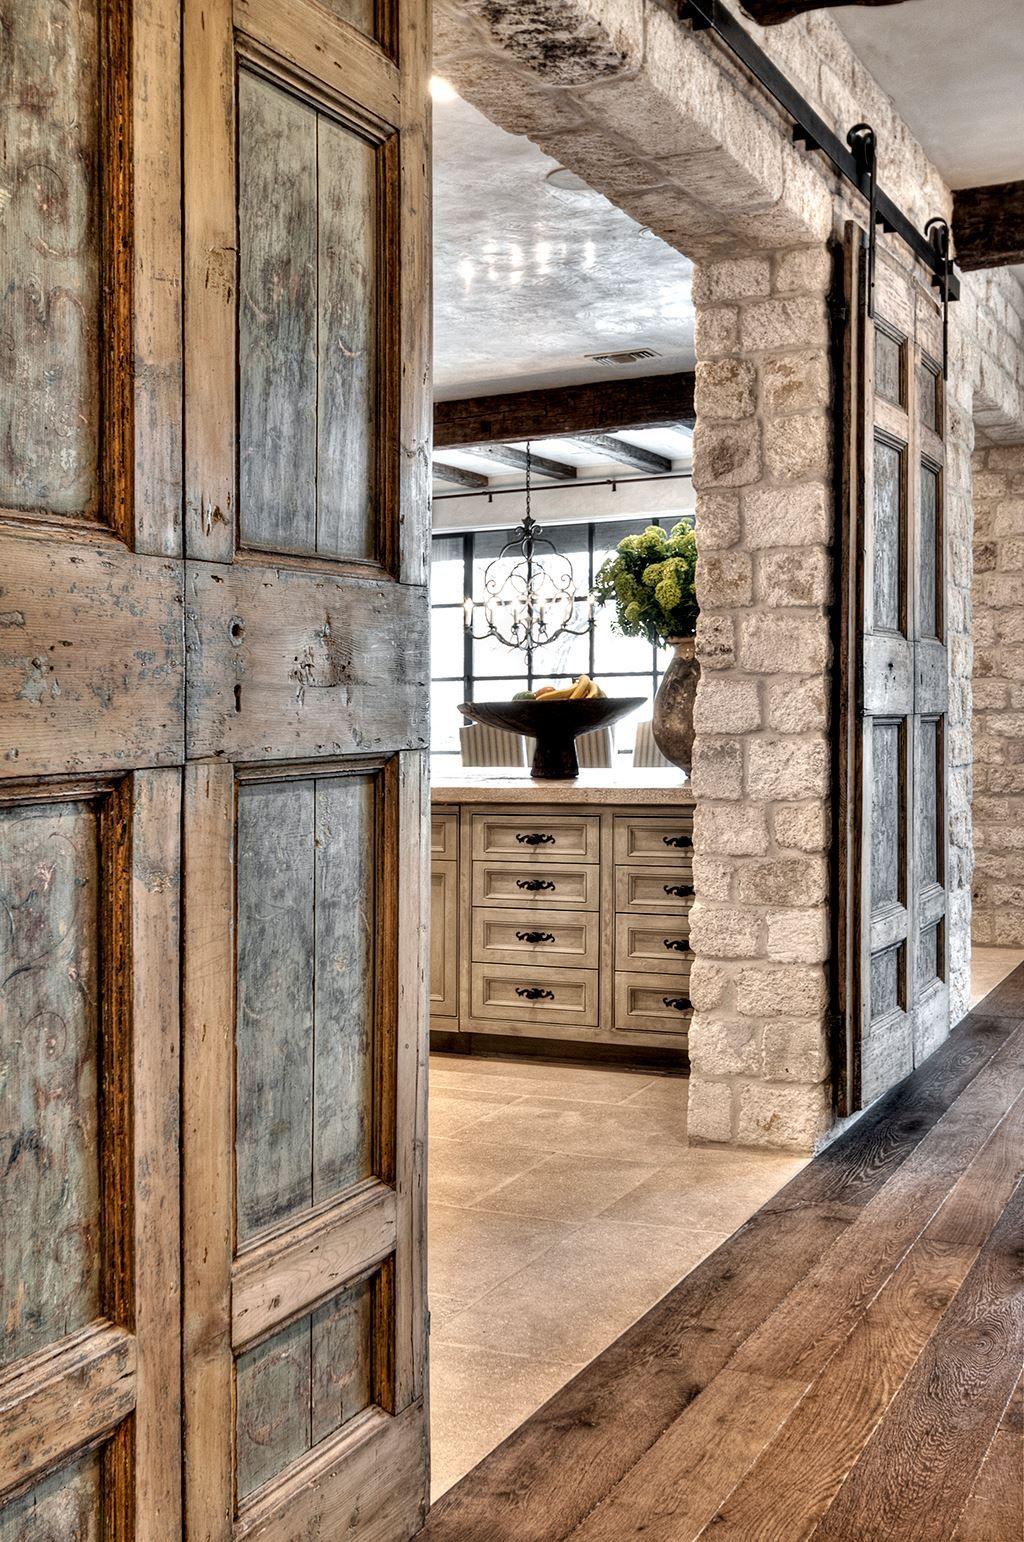 Interior Door tuscan interior doors pictures : Late Night Randomness (31 Photos) | Barn doors, Barn and Doors